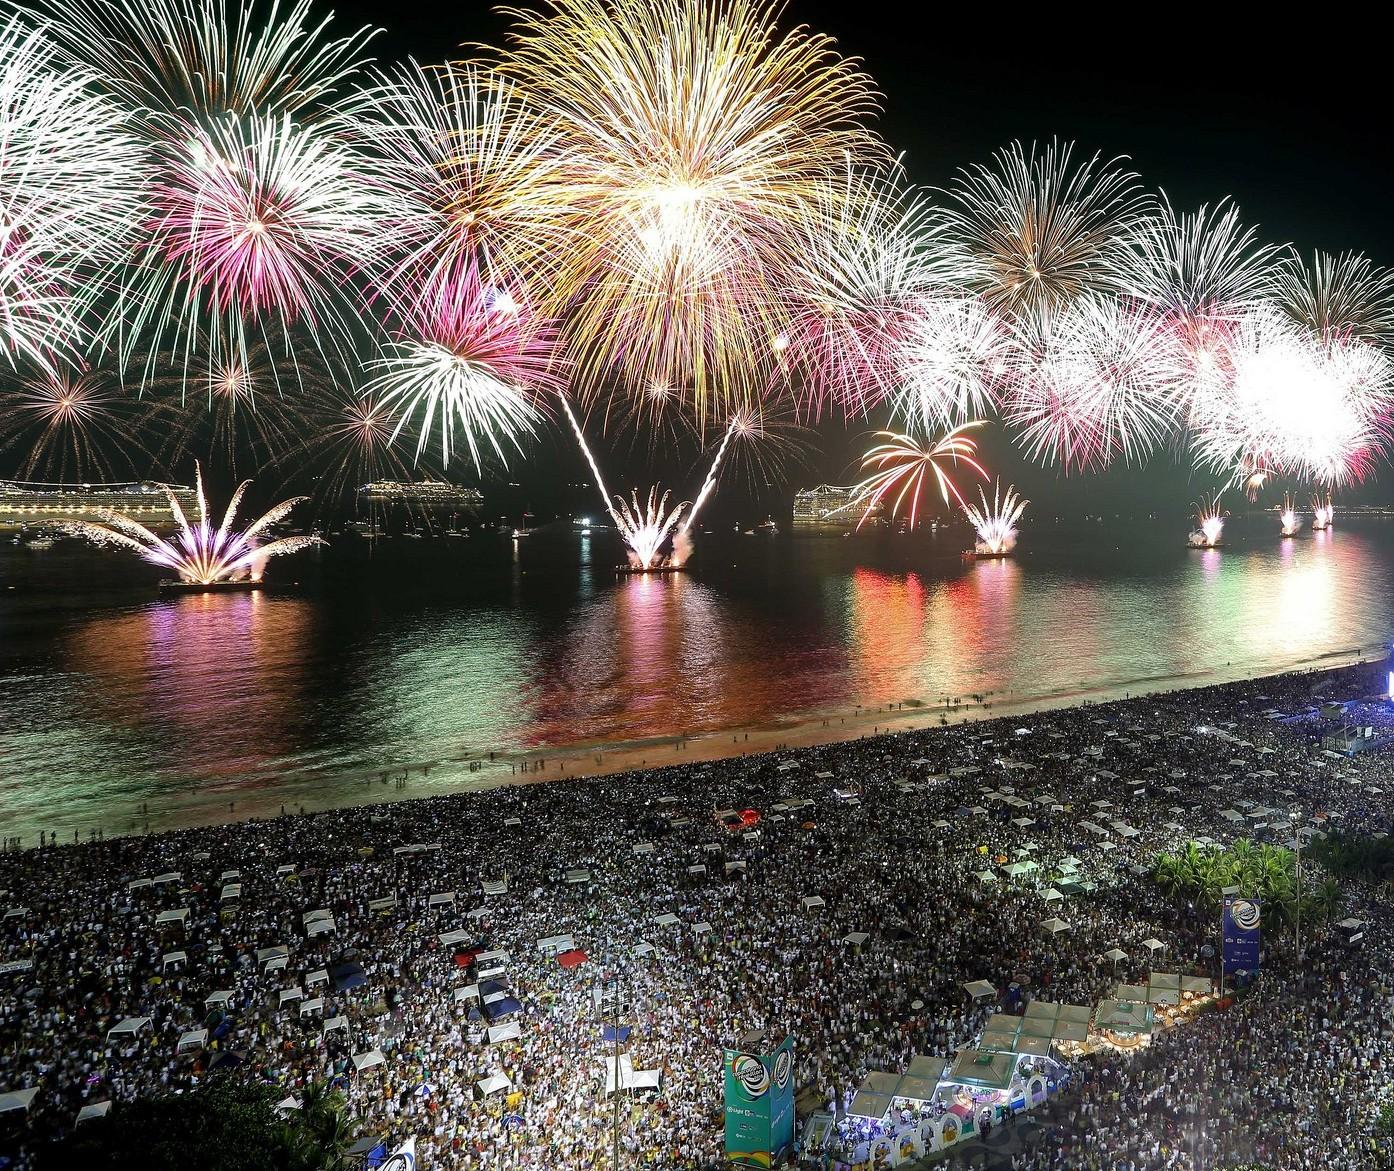 Que tal iniciar o Ano Novo com mais responsabilidade?